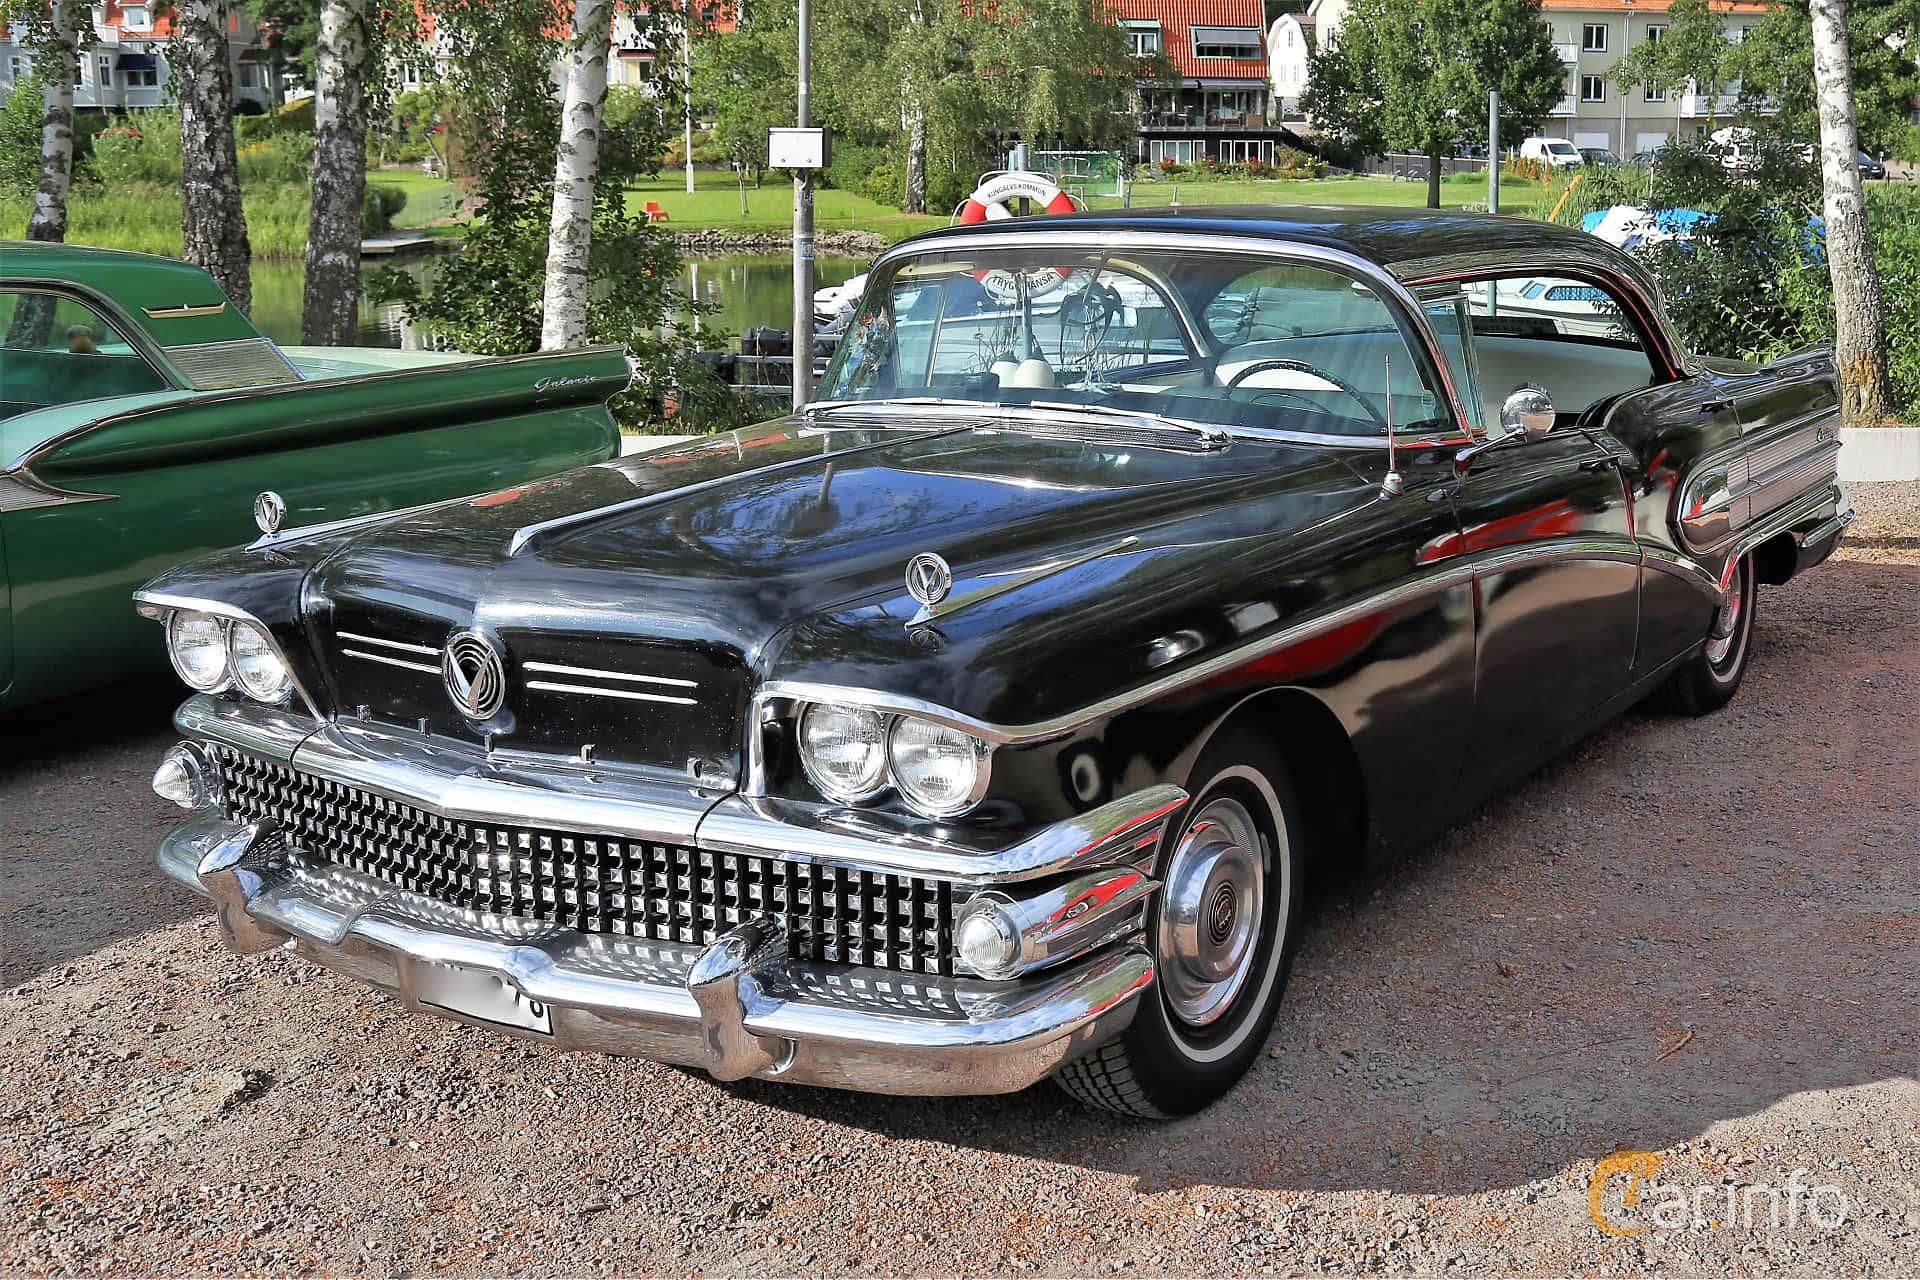 Front/Side  of Buick Century 4-door Riviera 6.0 V8 Automatic, 305ps, 1958 at Kungälvs Kulturhistoriska Fordonsvänner  2019 Torsdag vecka 31